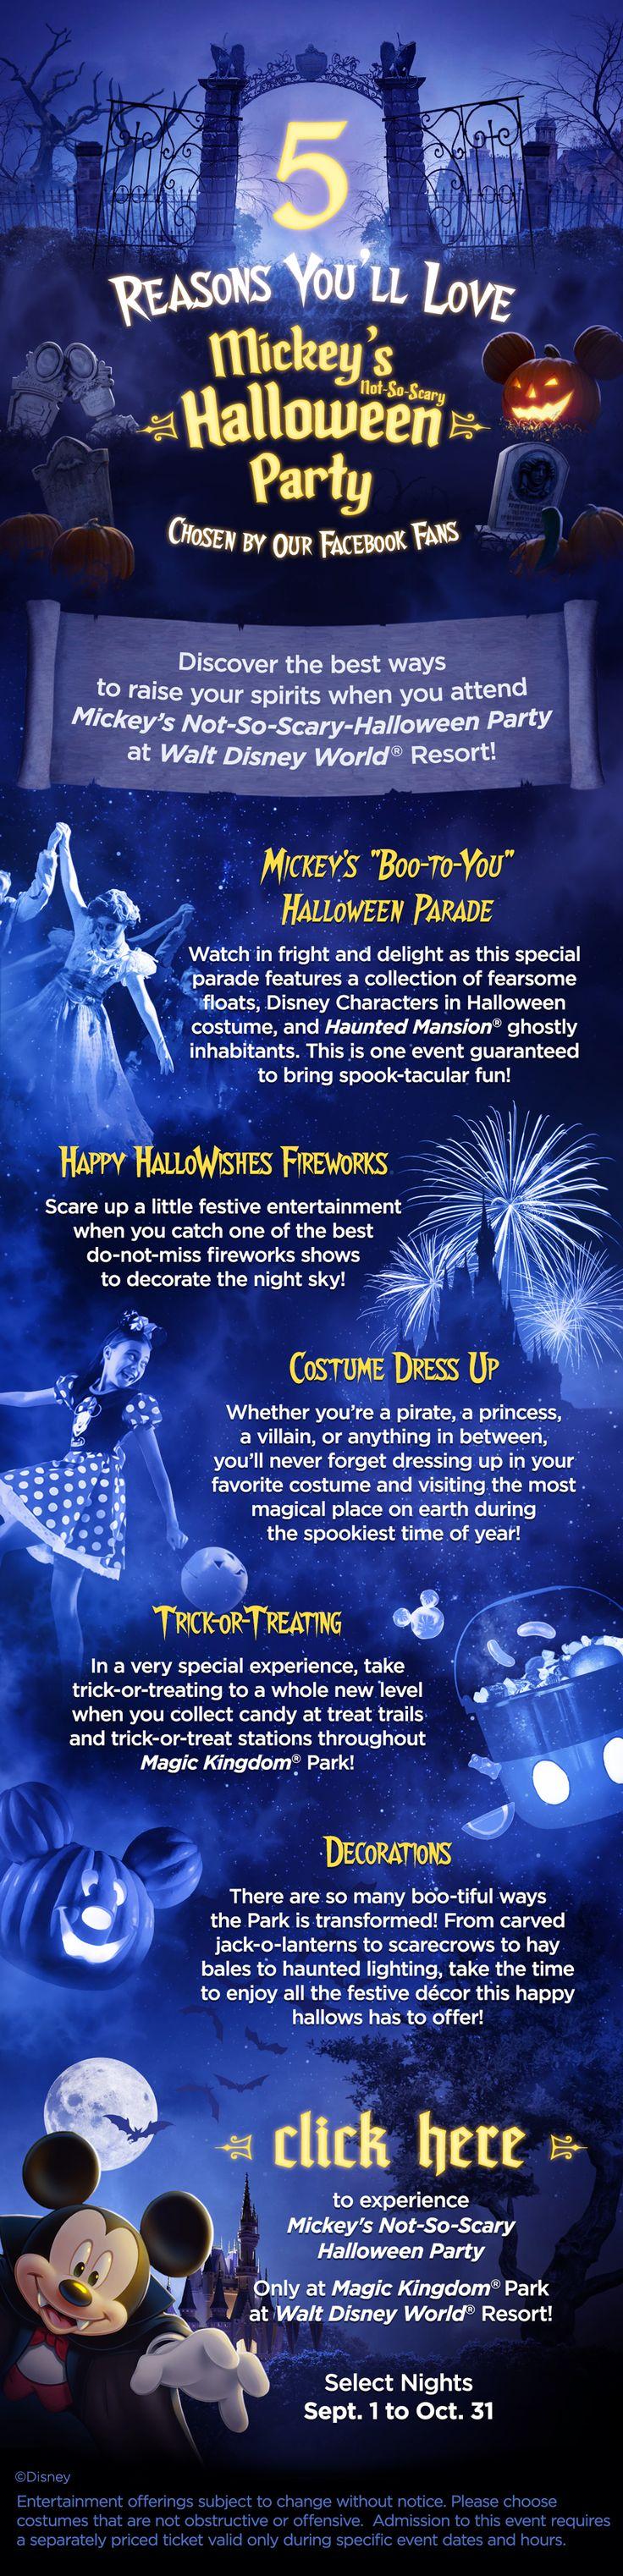 261 best Mickey's Halloween images on Pinterest | Mickey halloween ...